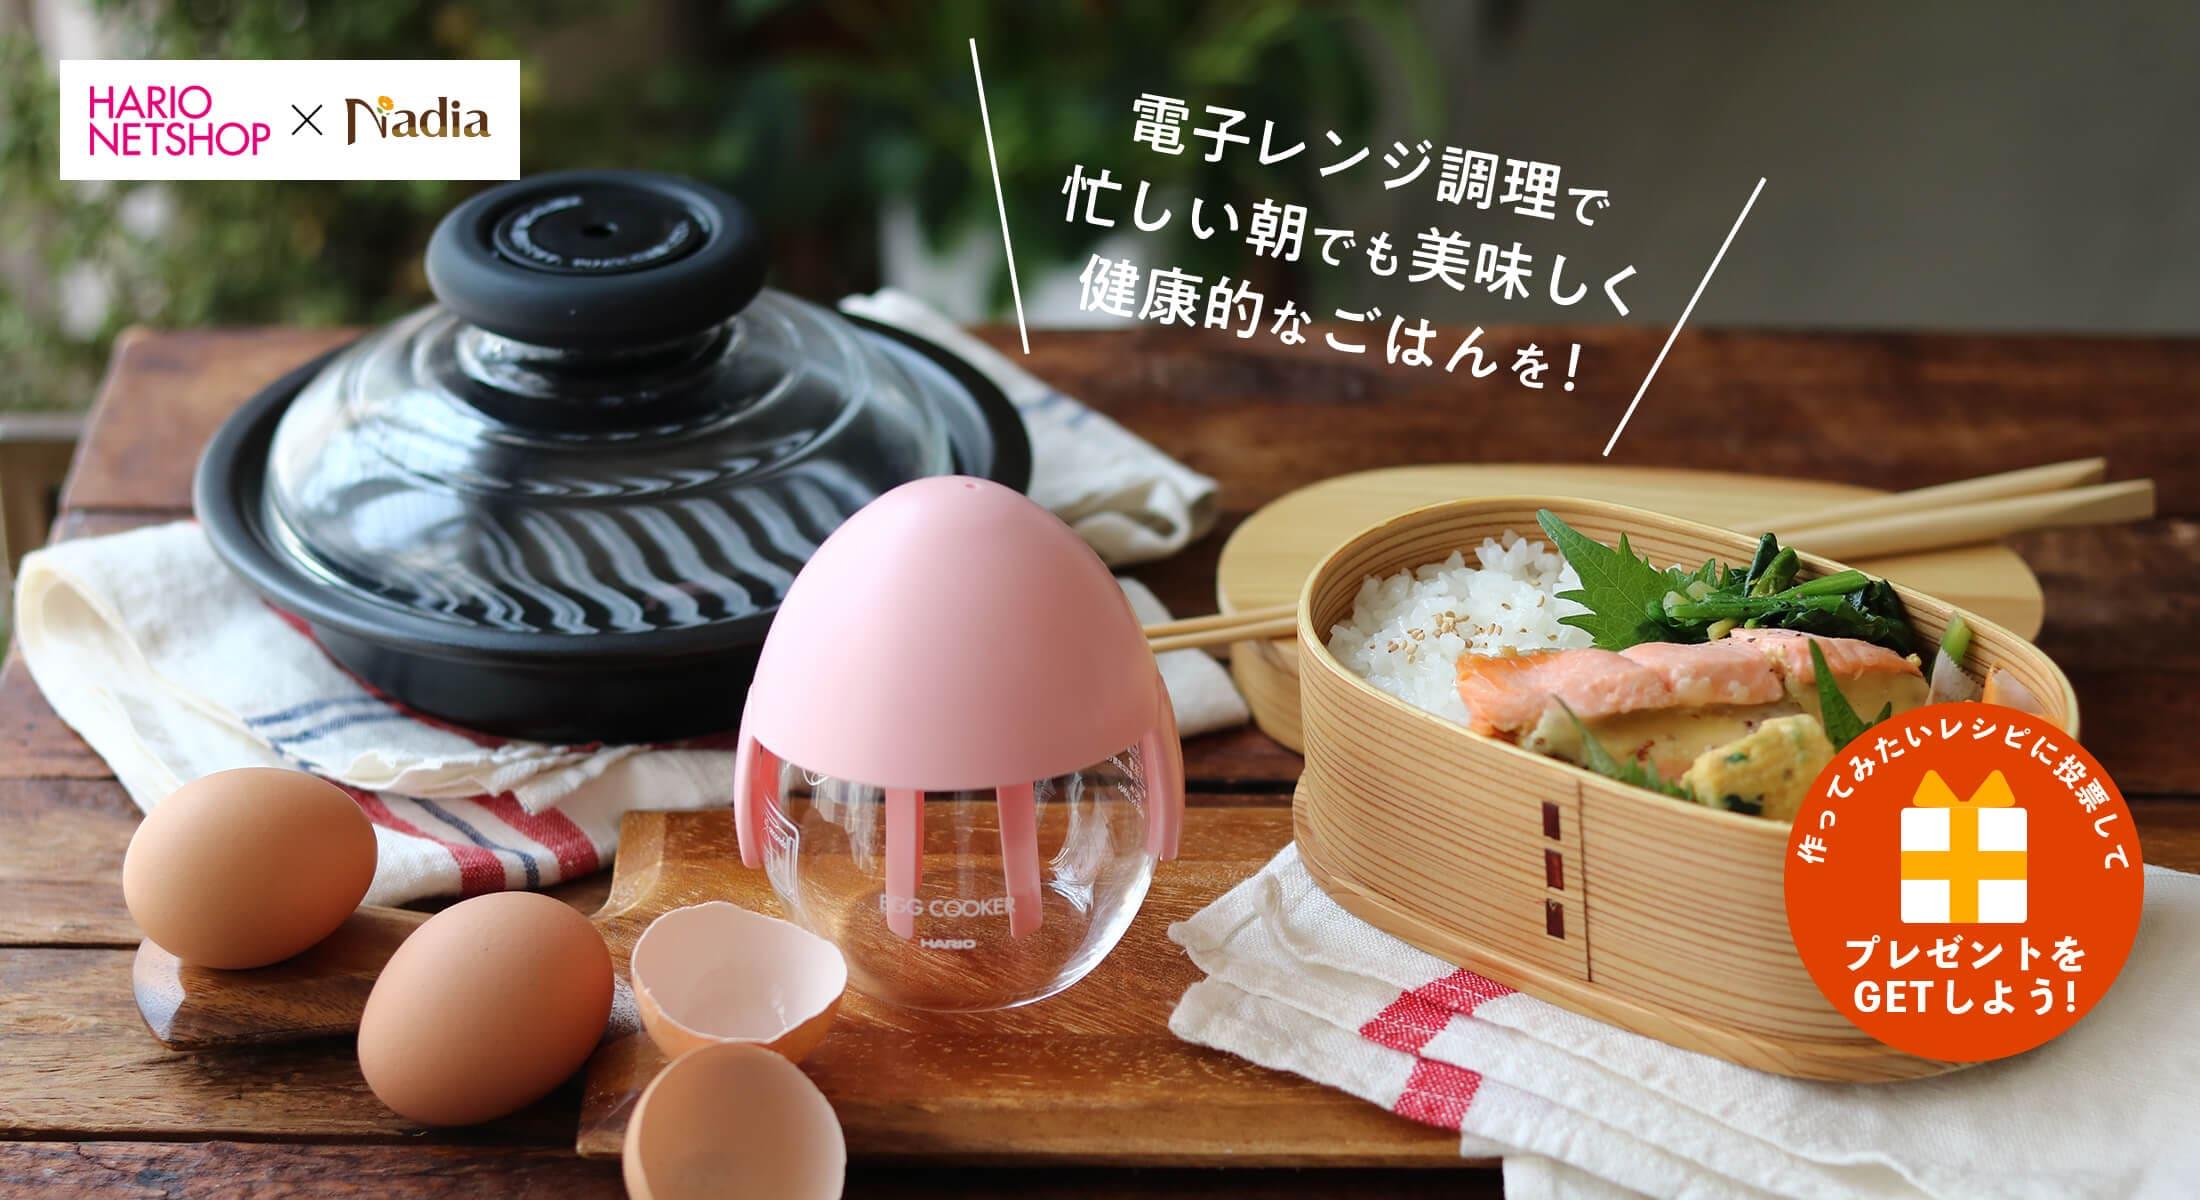 15分でパパッと!HARIOのレンジ調理器で作るお弁当レシピコンテスト